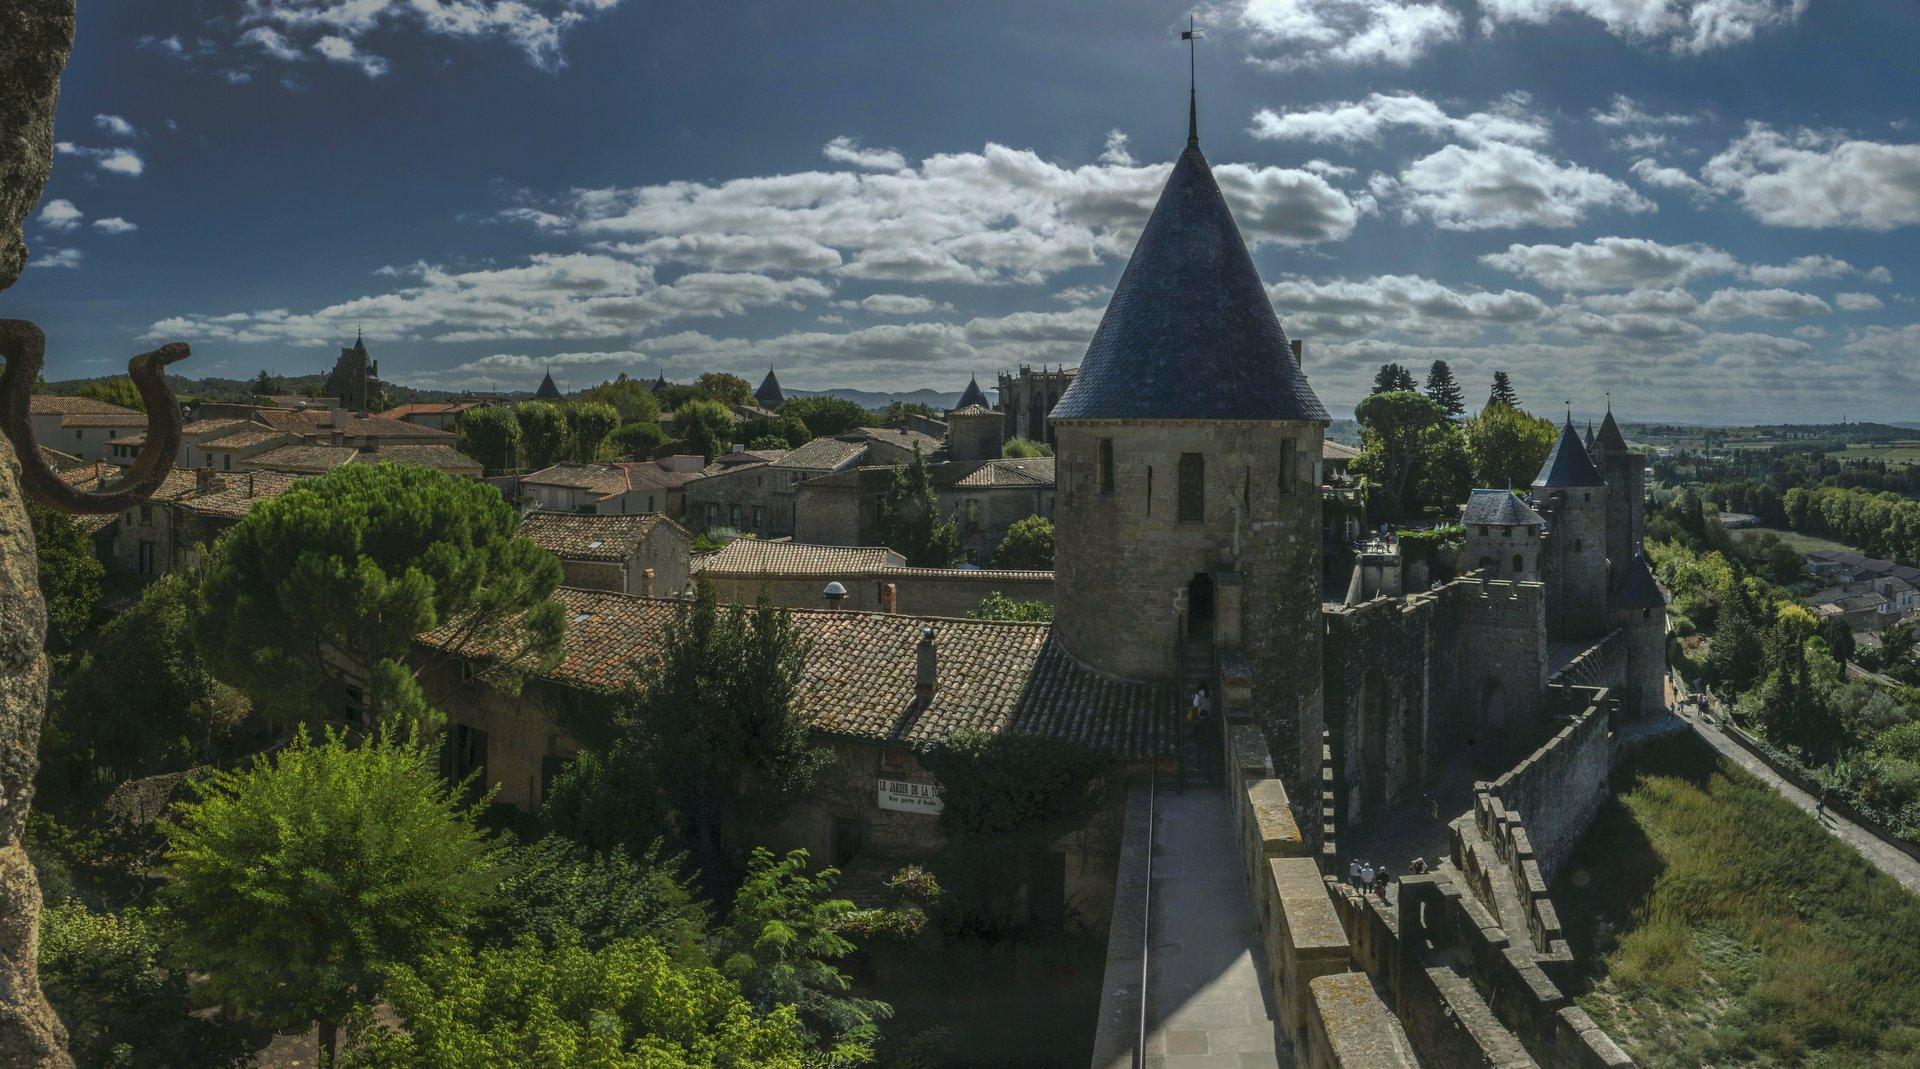 Tour de Justice und Porte d'Aude in der Cité Carcassonne